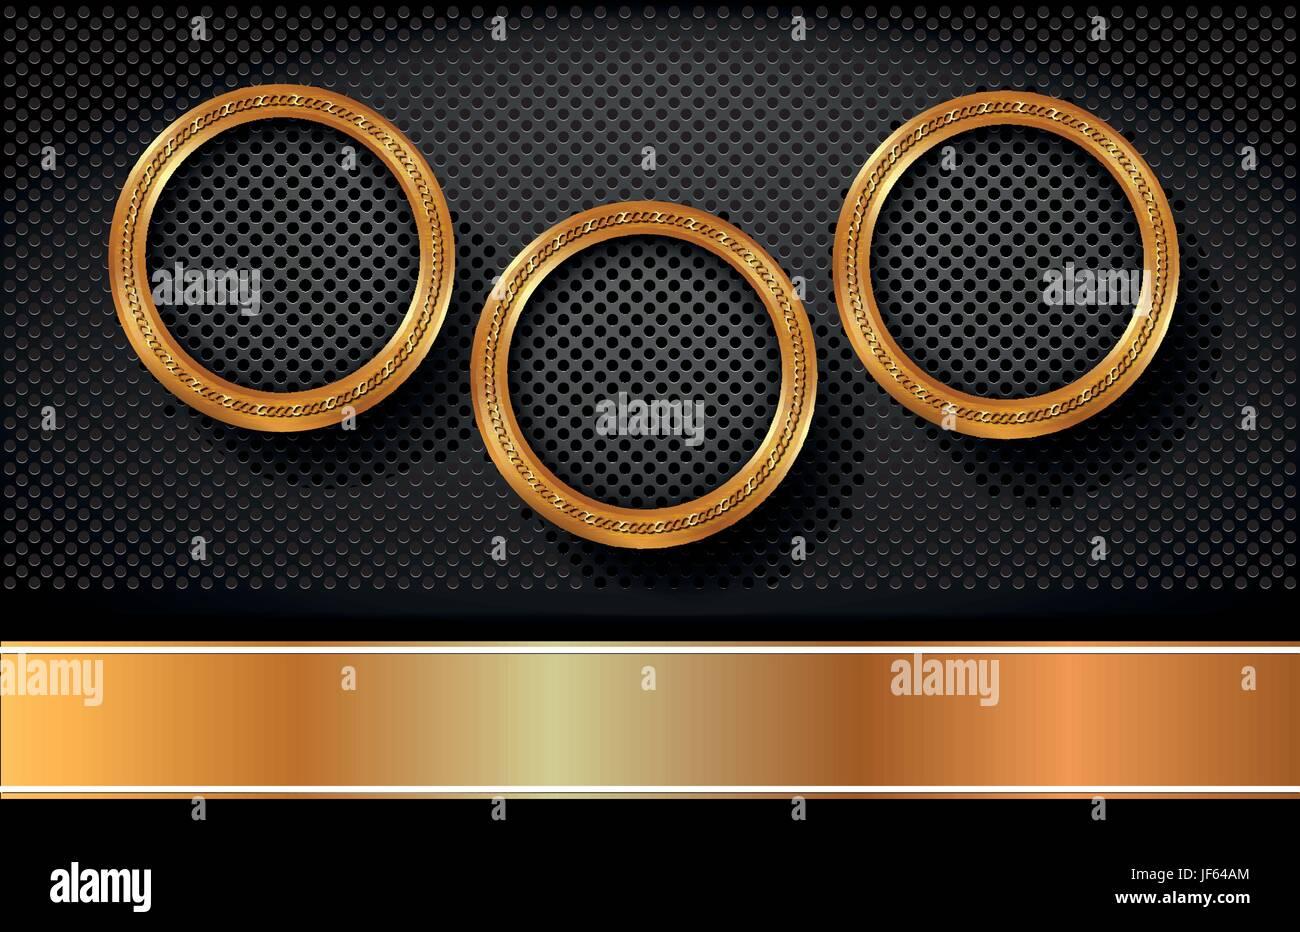 ring, circle, banner, metallic, dark, shaddow, shadow, gold, ring, circle, - Stock Vector